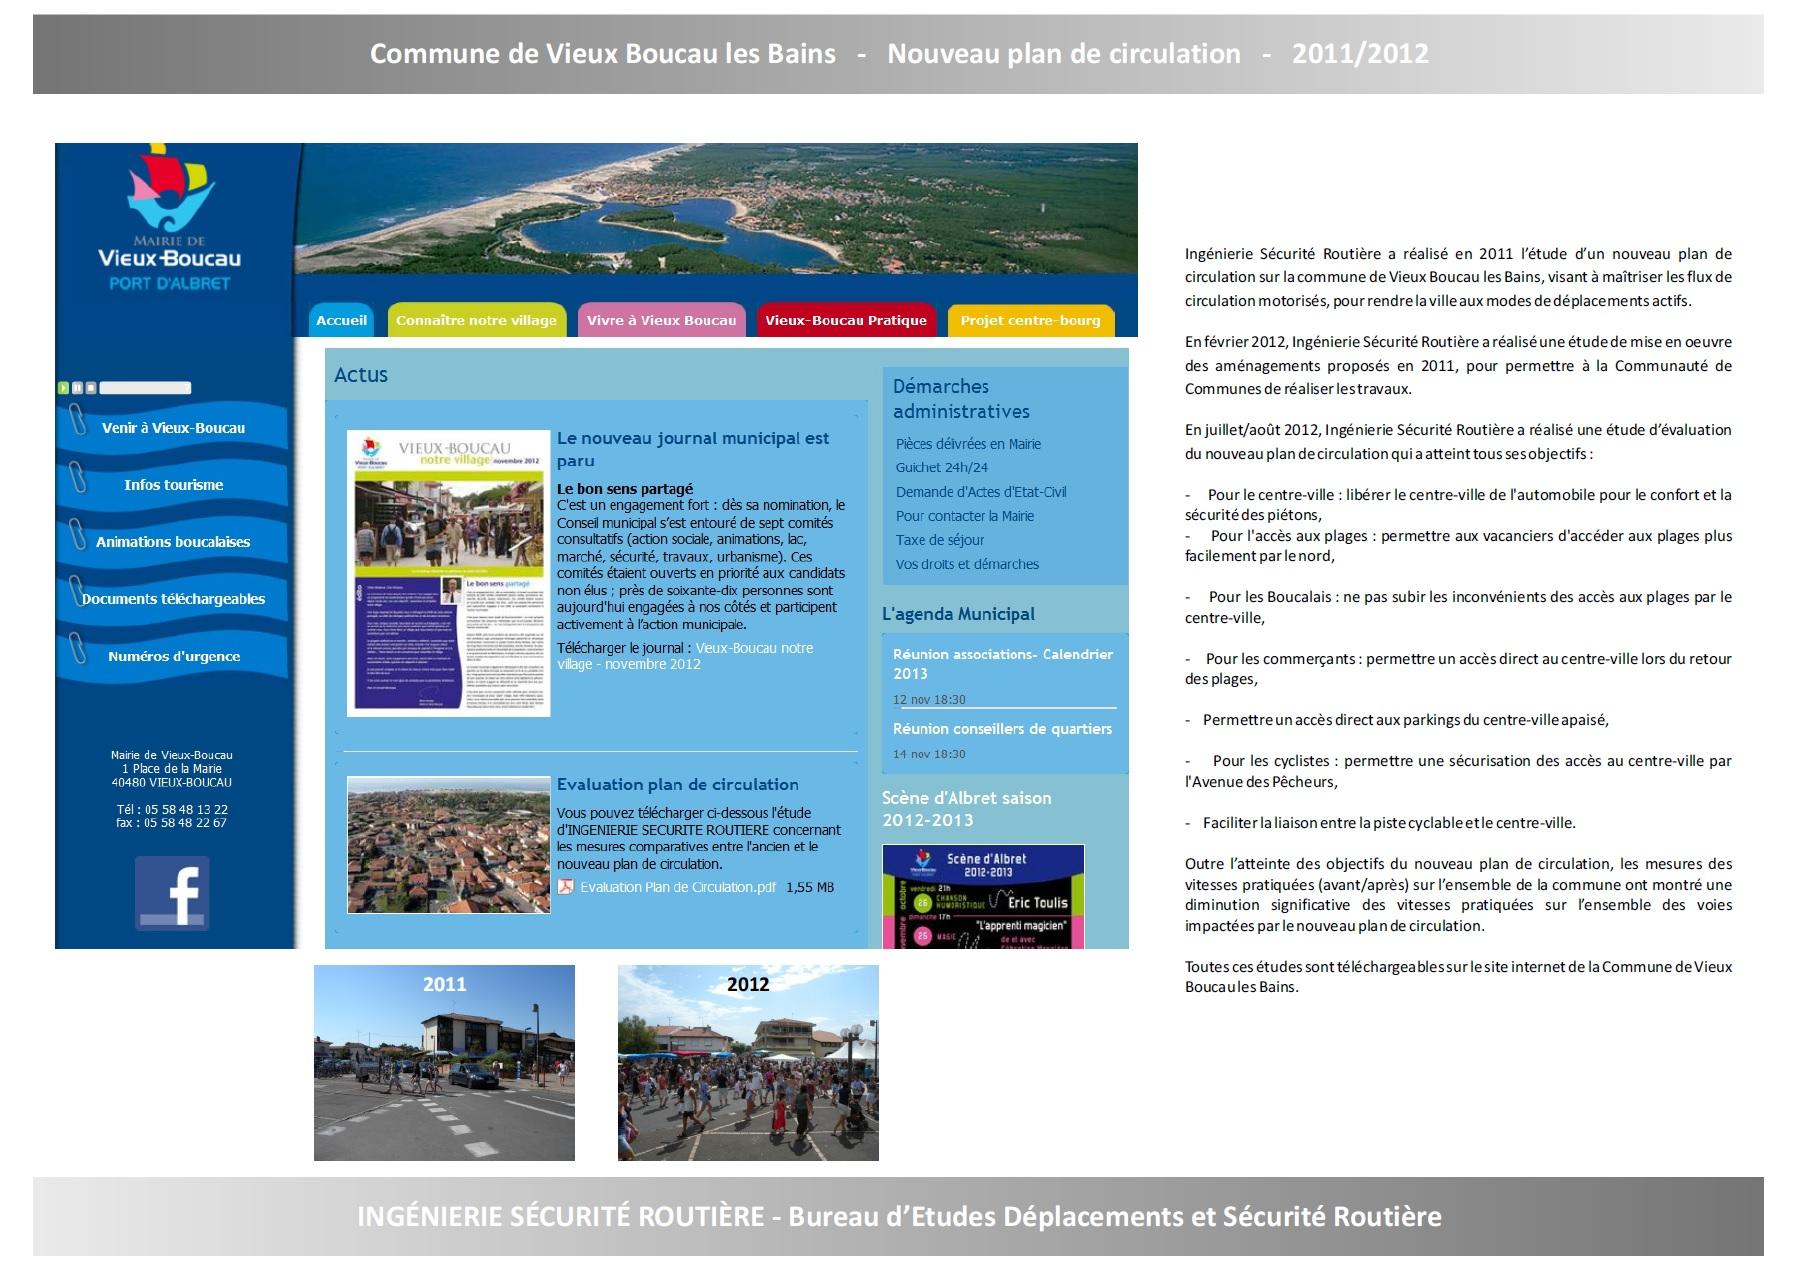 Ville de Vieux-Boucau-les-Bains : Plan de circulation